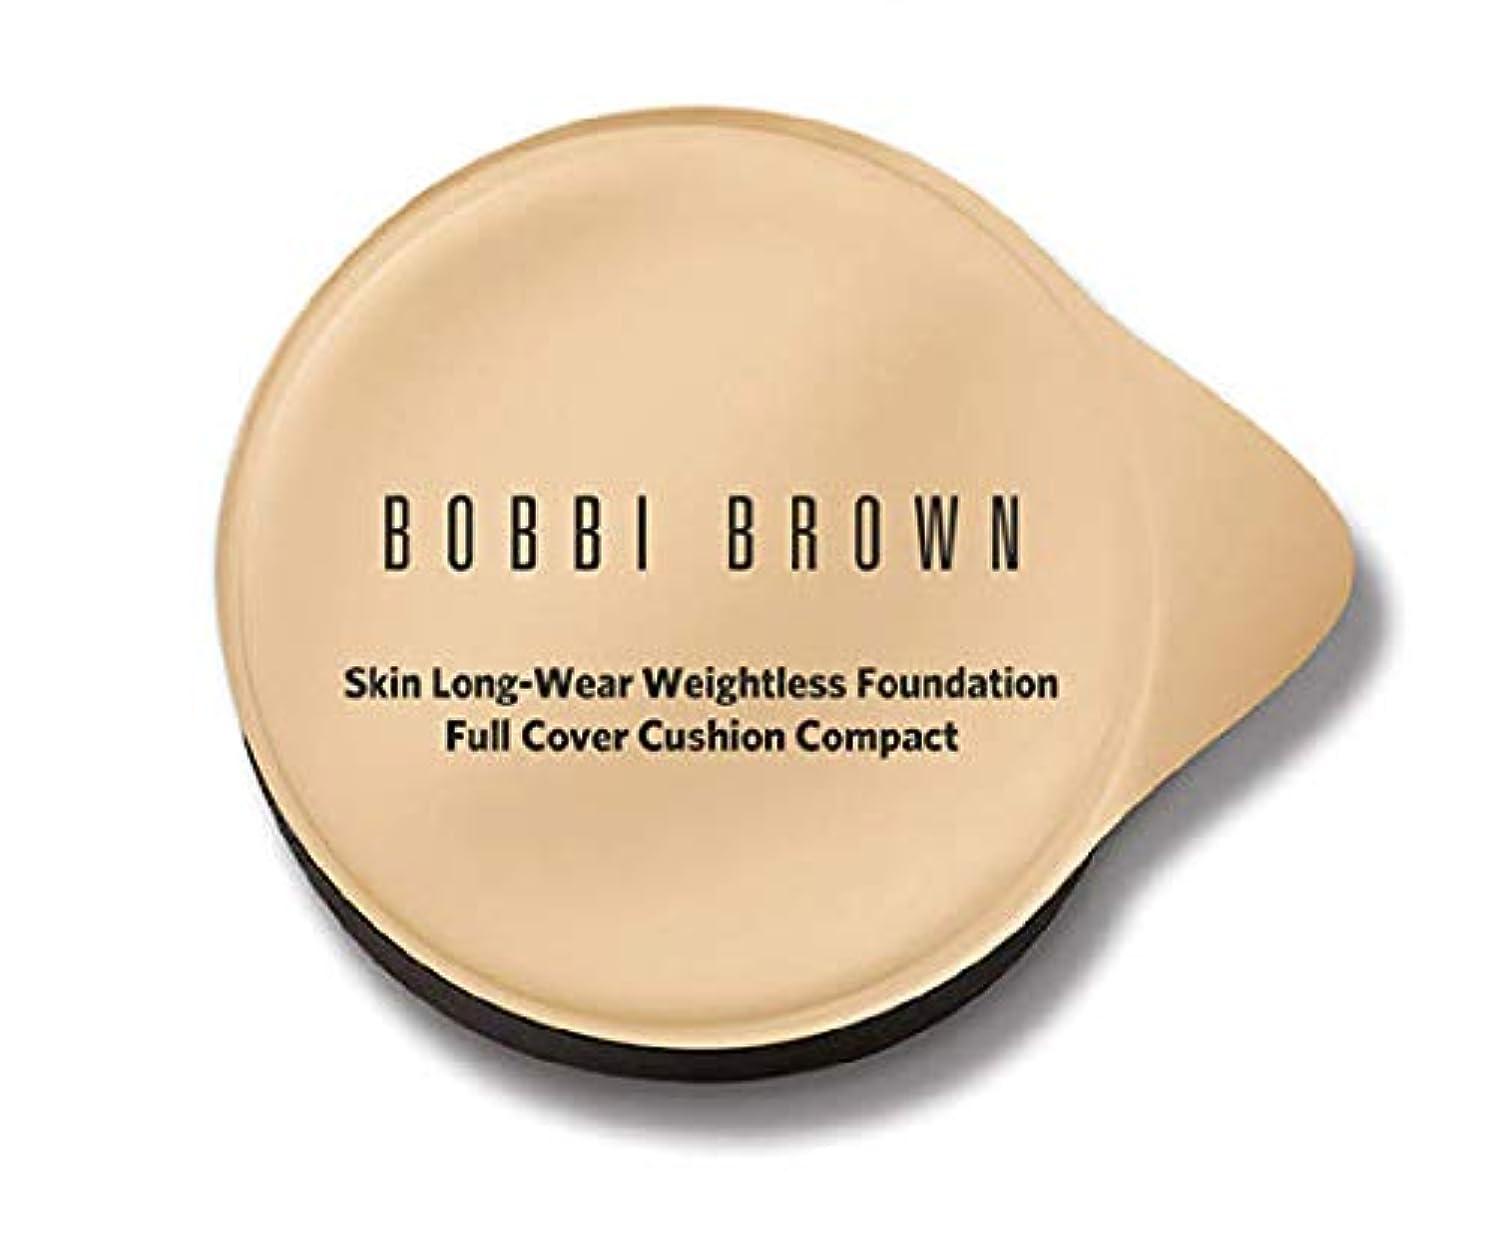 キャビン縫い目引退したボビーブラウンスキンロングウェアウエストレスファンデーションフルカバークッションコンパクトレフィル(スポンジ付)5色展開 (ミディアム)